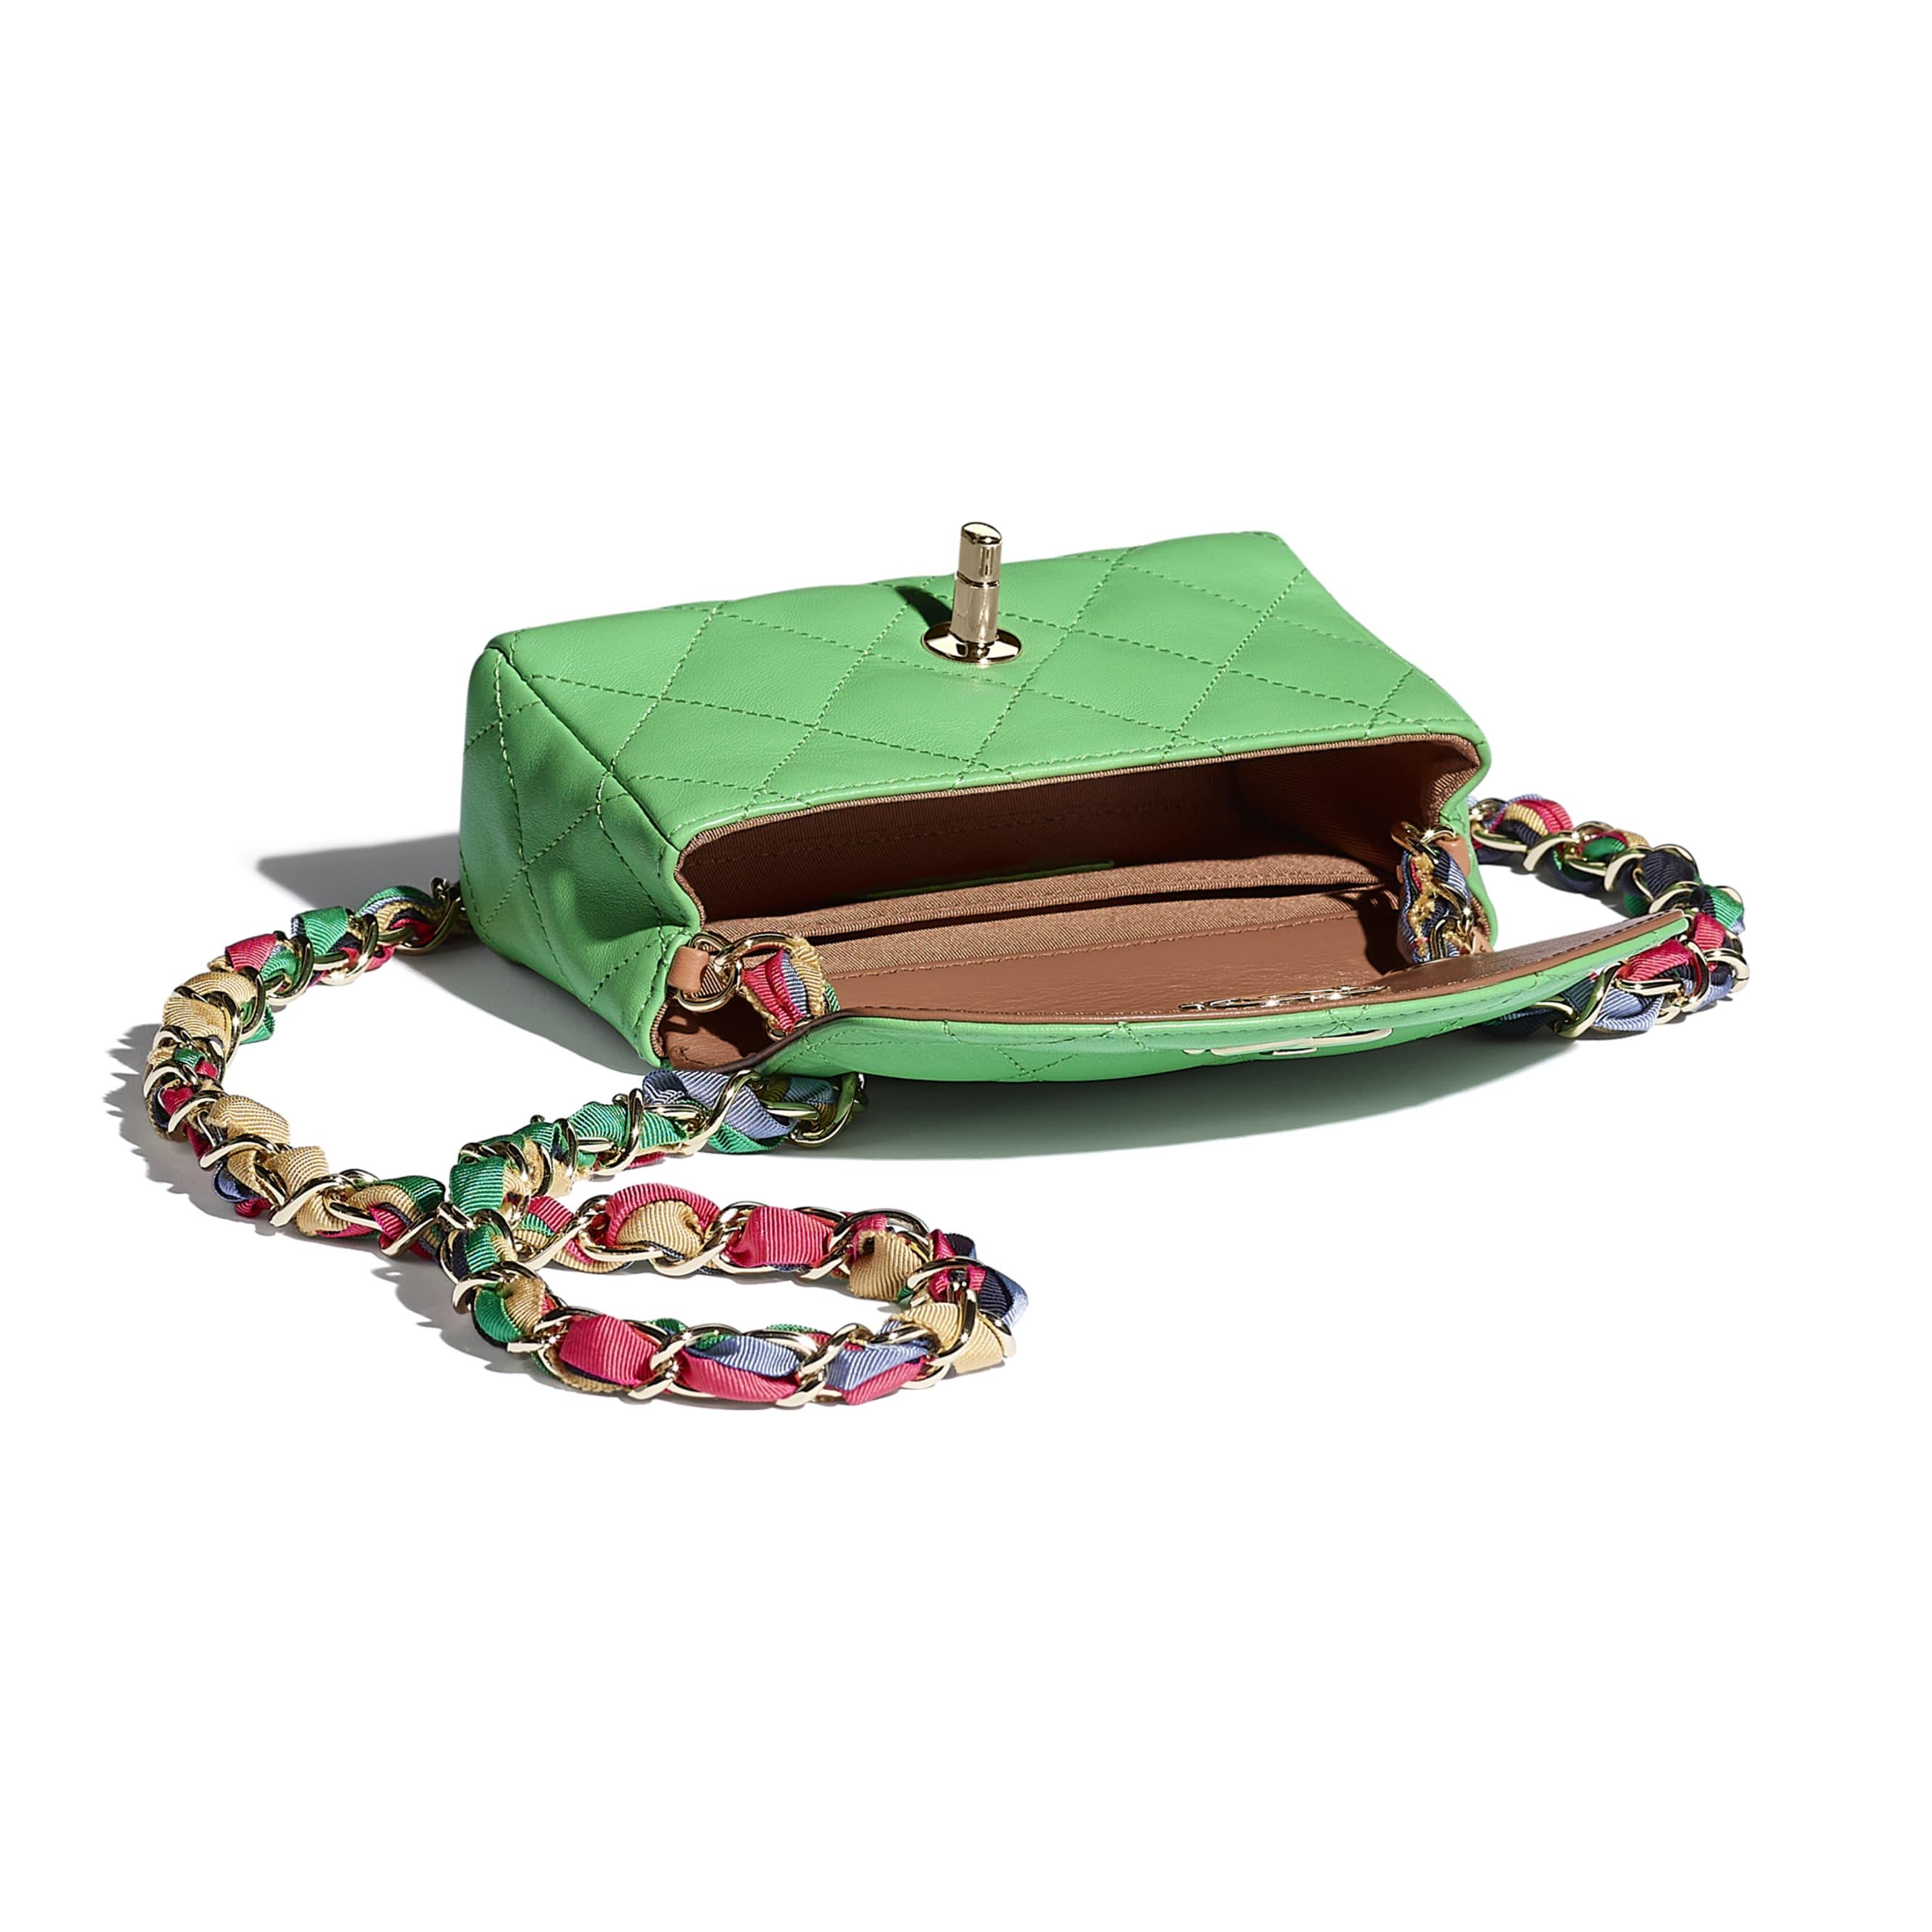 Petit sac à rabat - Vert - Agneau, fibres mélangées & métal doré - CHANEL - Autre vue - voir la version taille standard